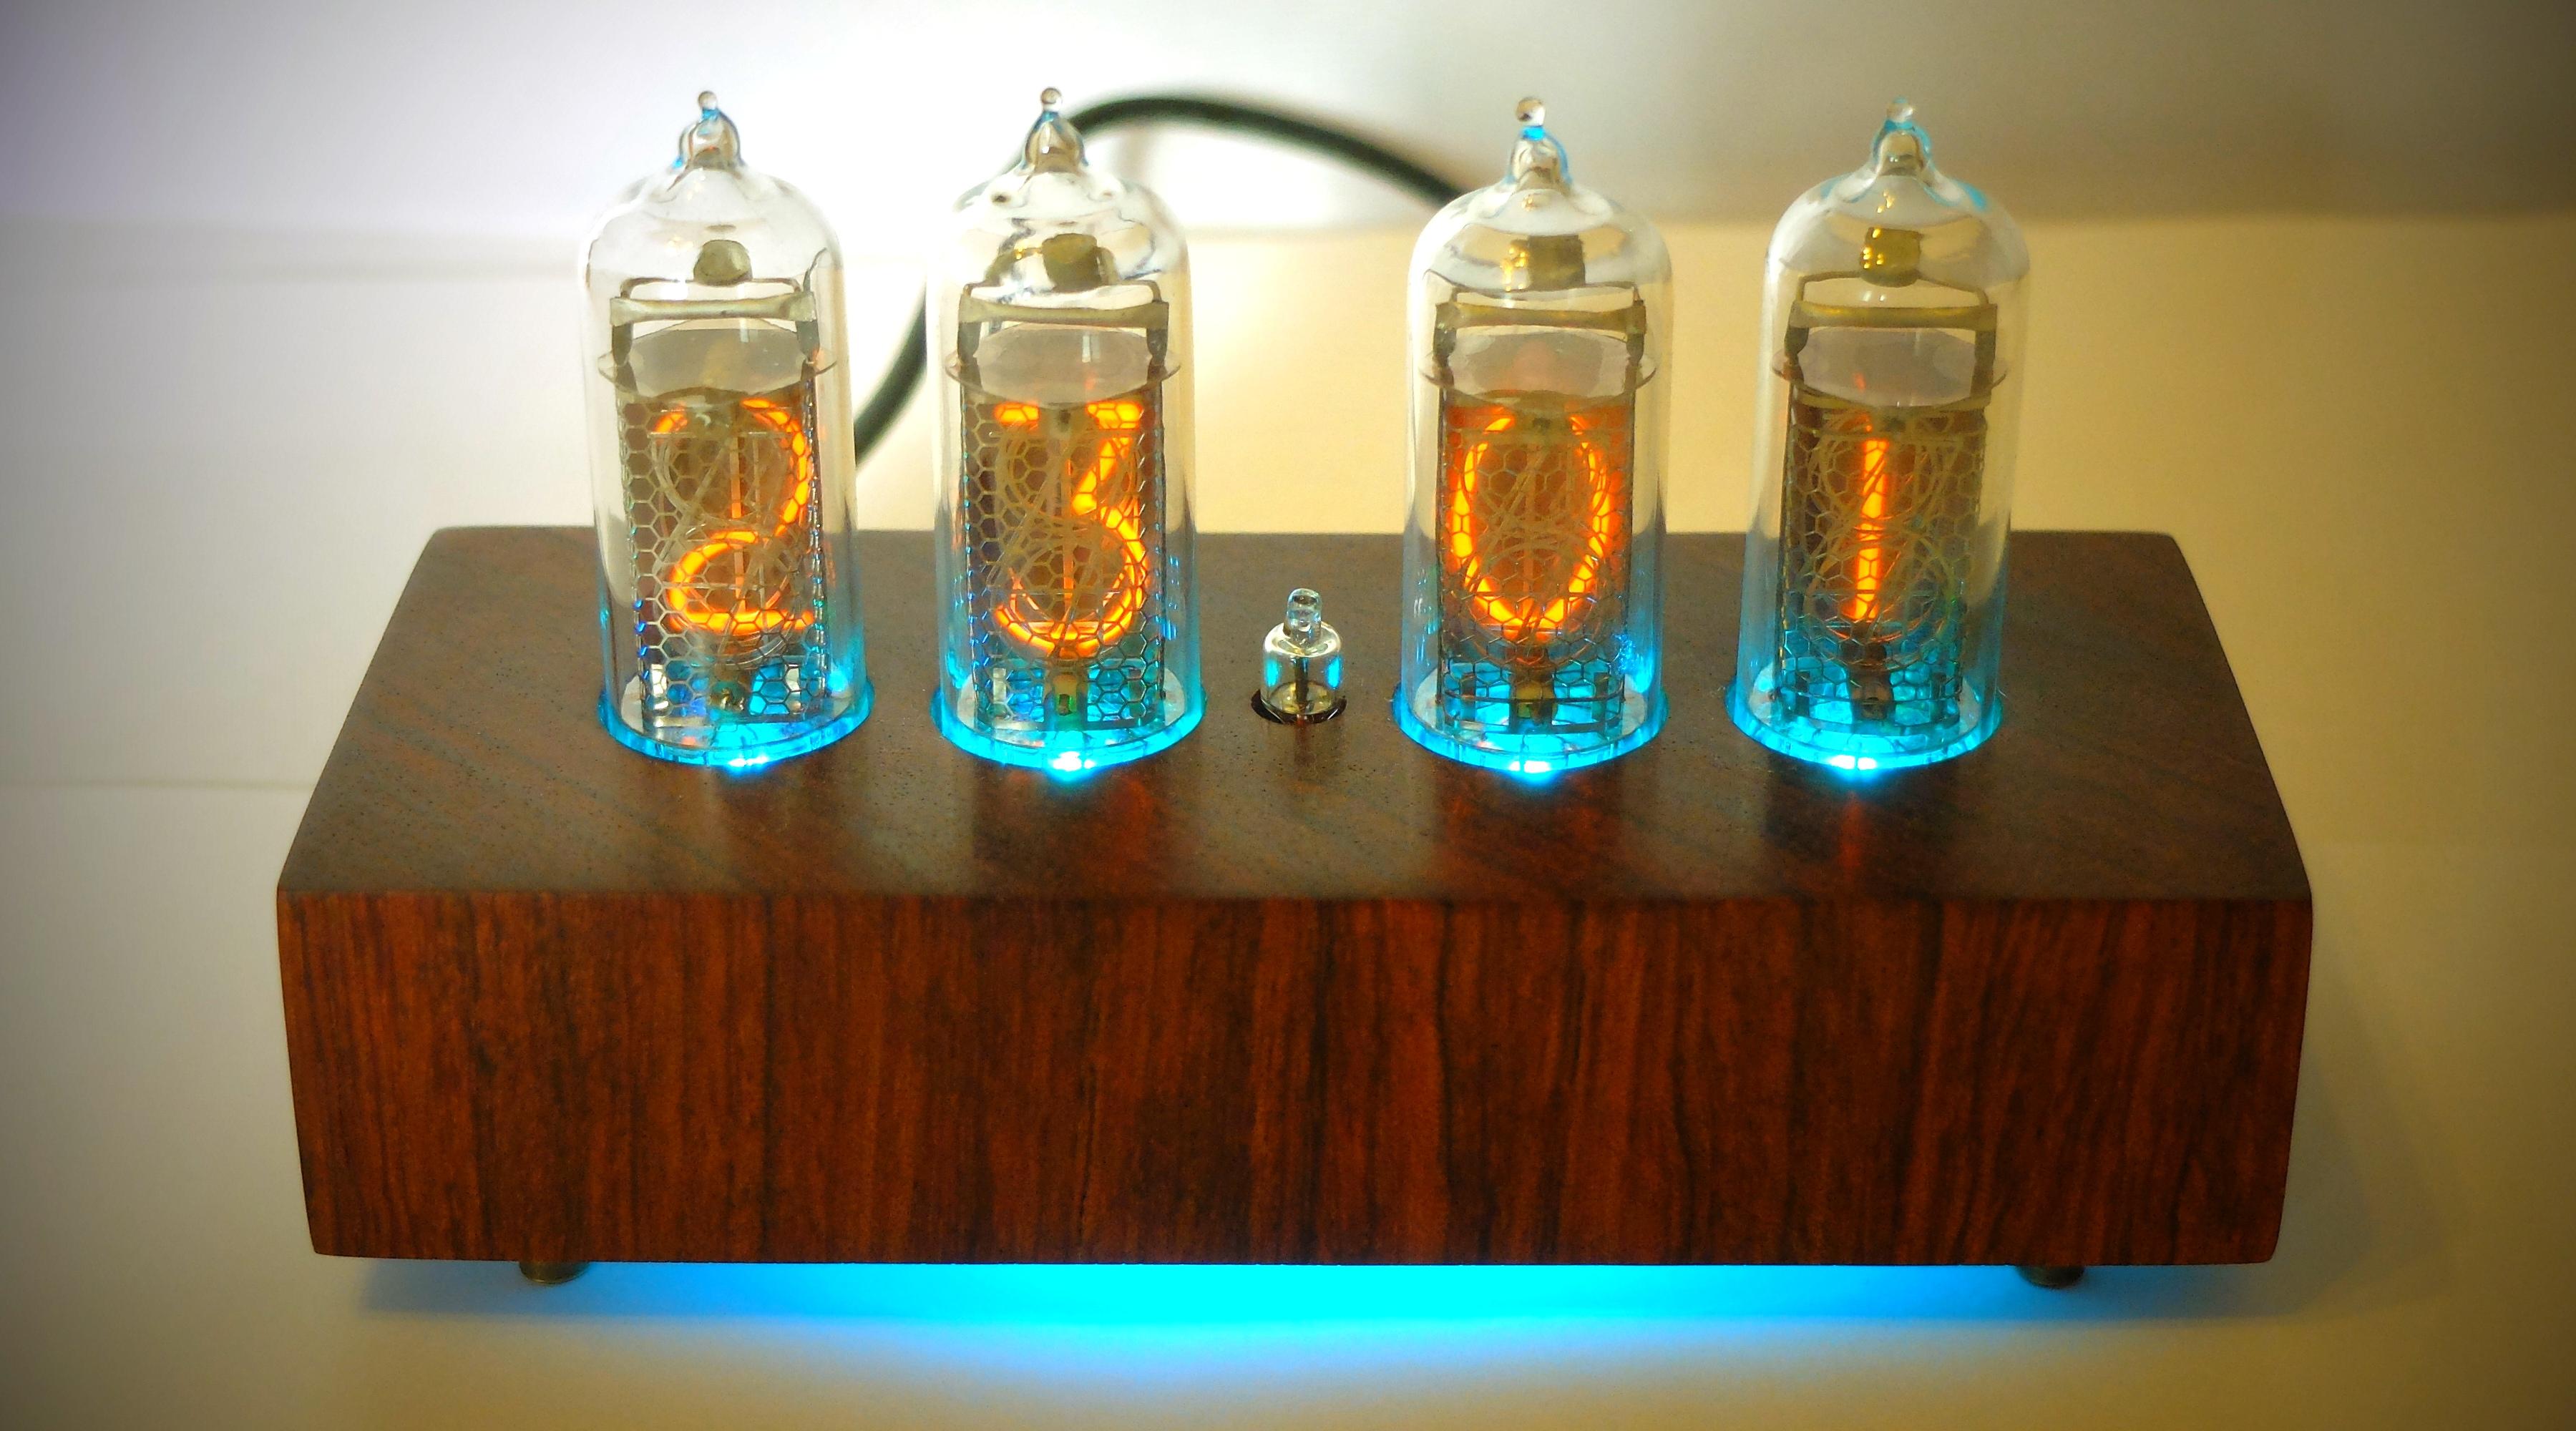 В качестве микроконтроллера используется arduino nano v3.